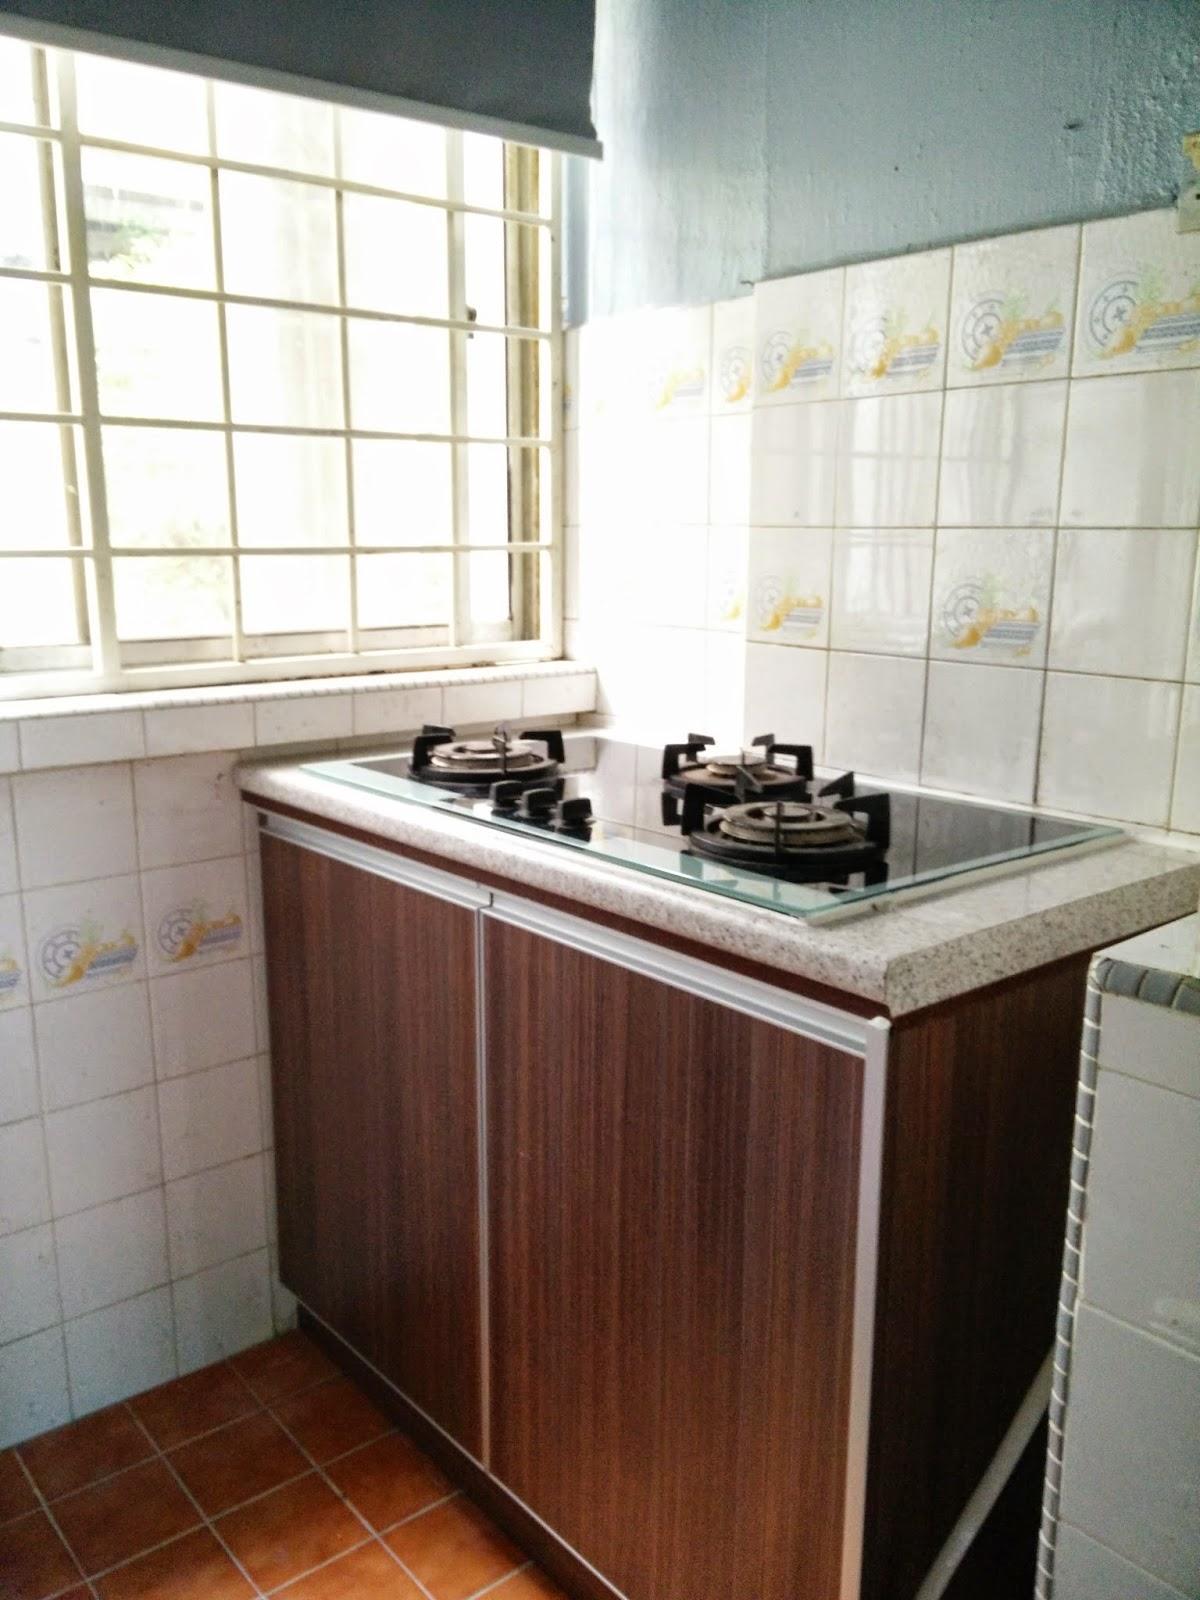 Dapur Memasak Baru Selepas Renovation